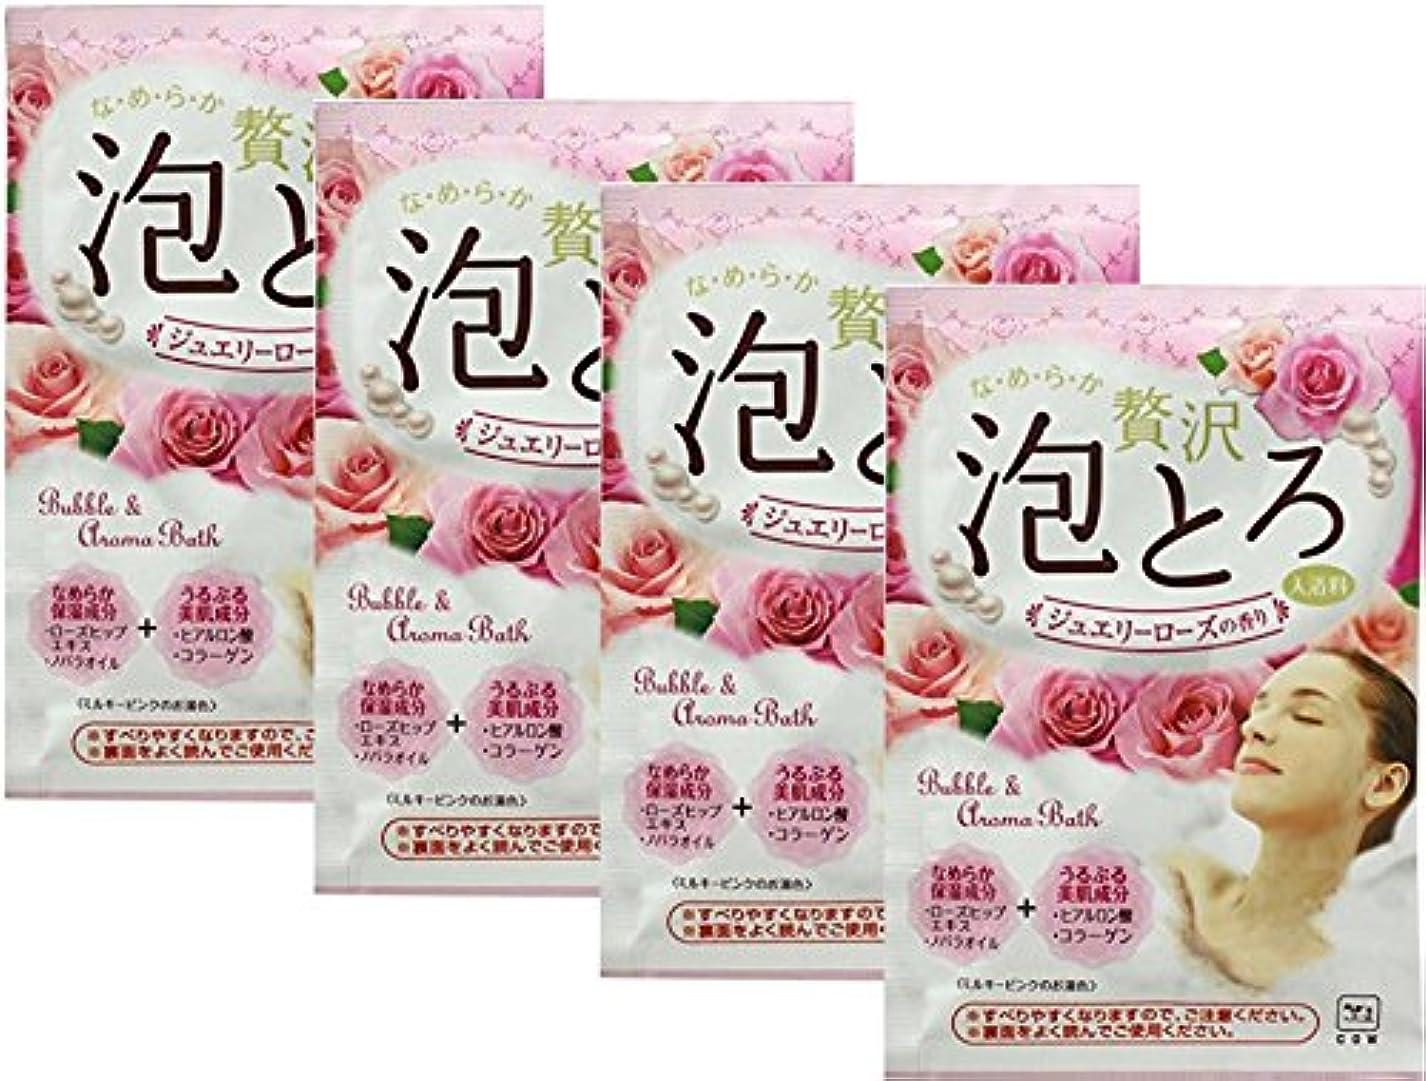 ジーンズおじいちゃんのみ牛乳石鹸共進社 贅沢泡とろ 入浴料 ジュエリーローズの香り 30g 【4点セット】